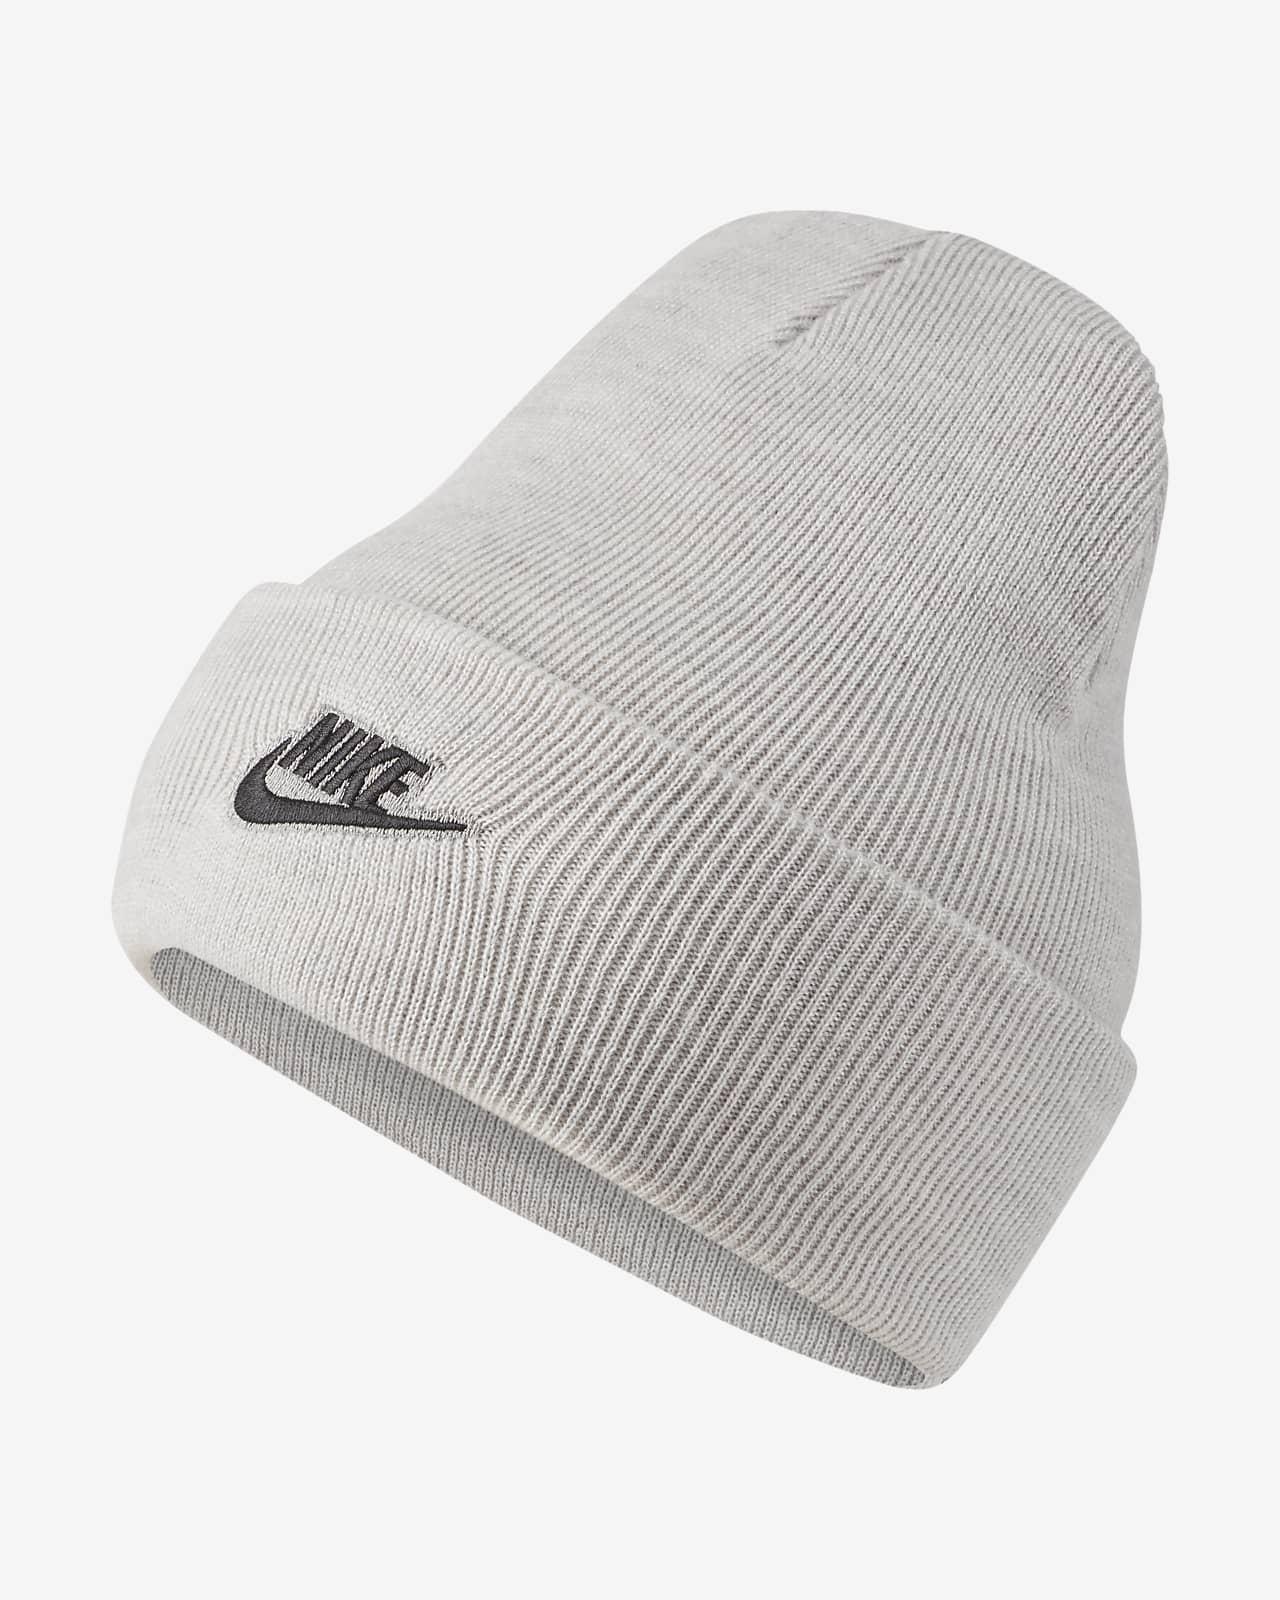 Nike Sportswear Utility Cuffed 针织帽